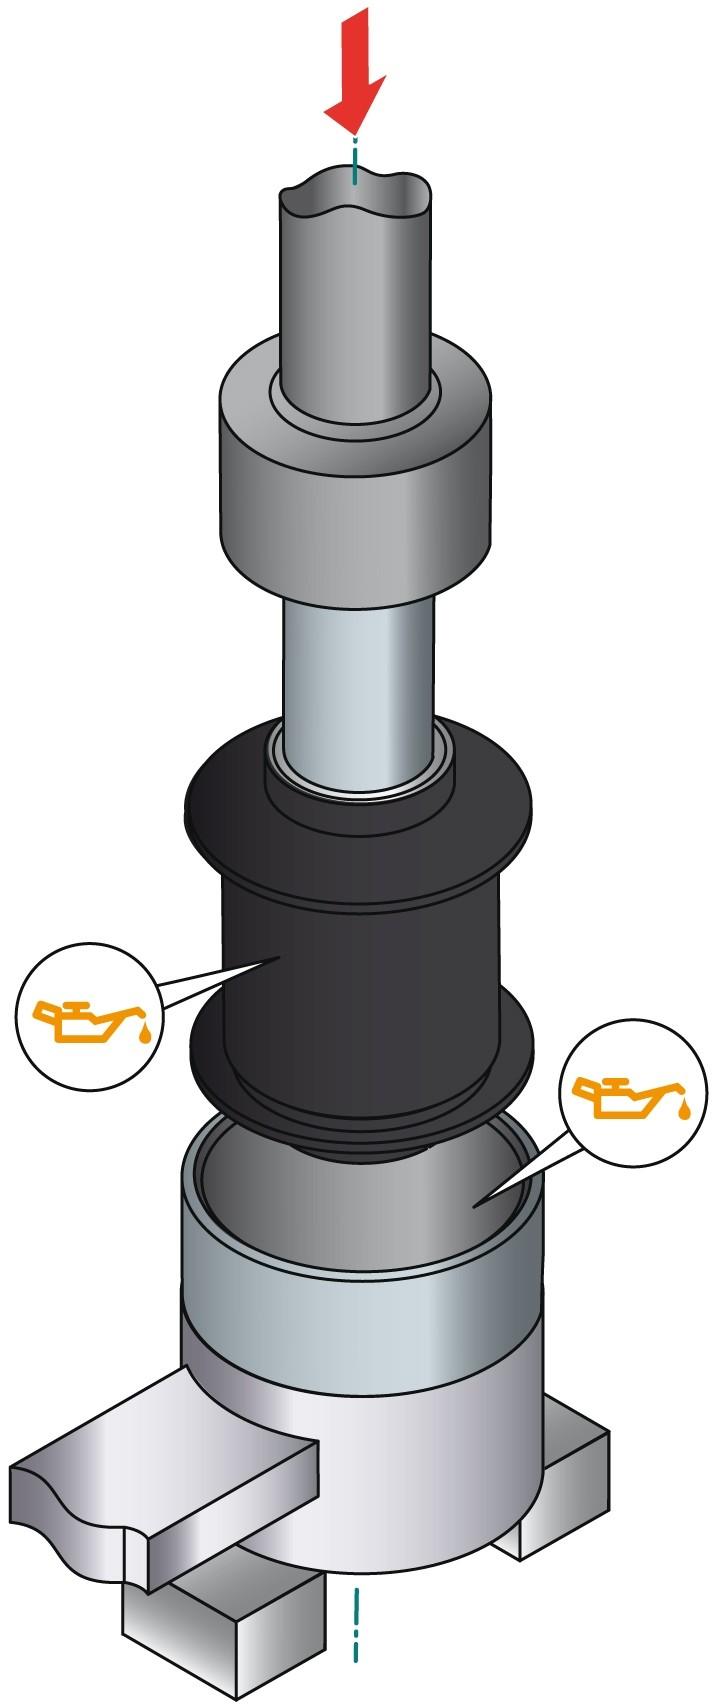 obraz montaż tulei metalowo gumowej 2